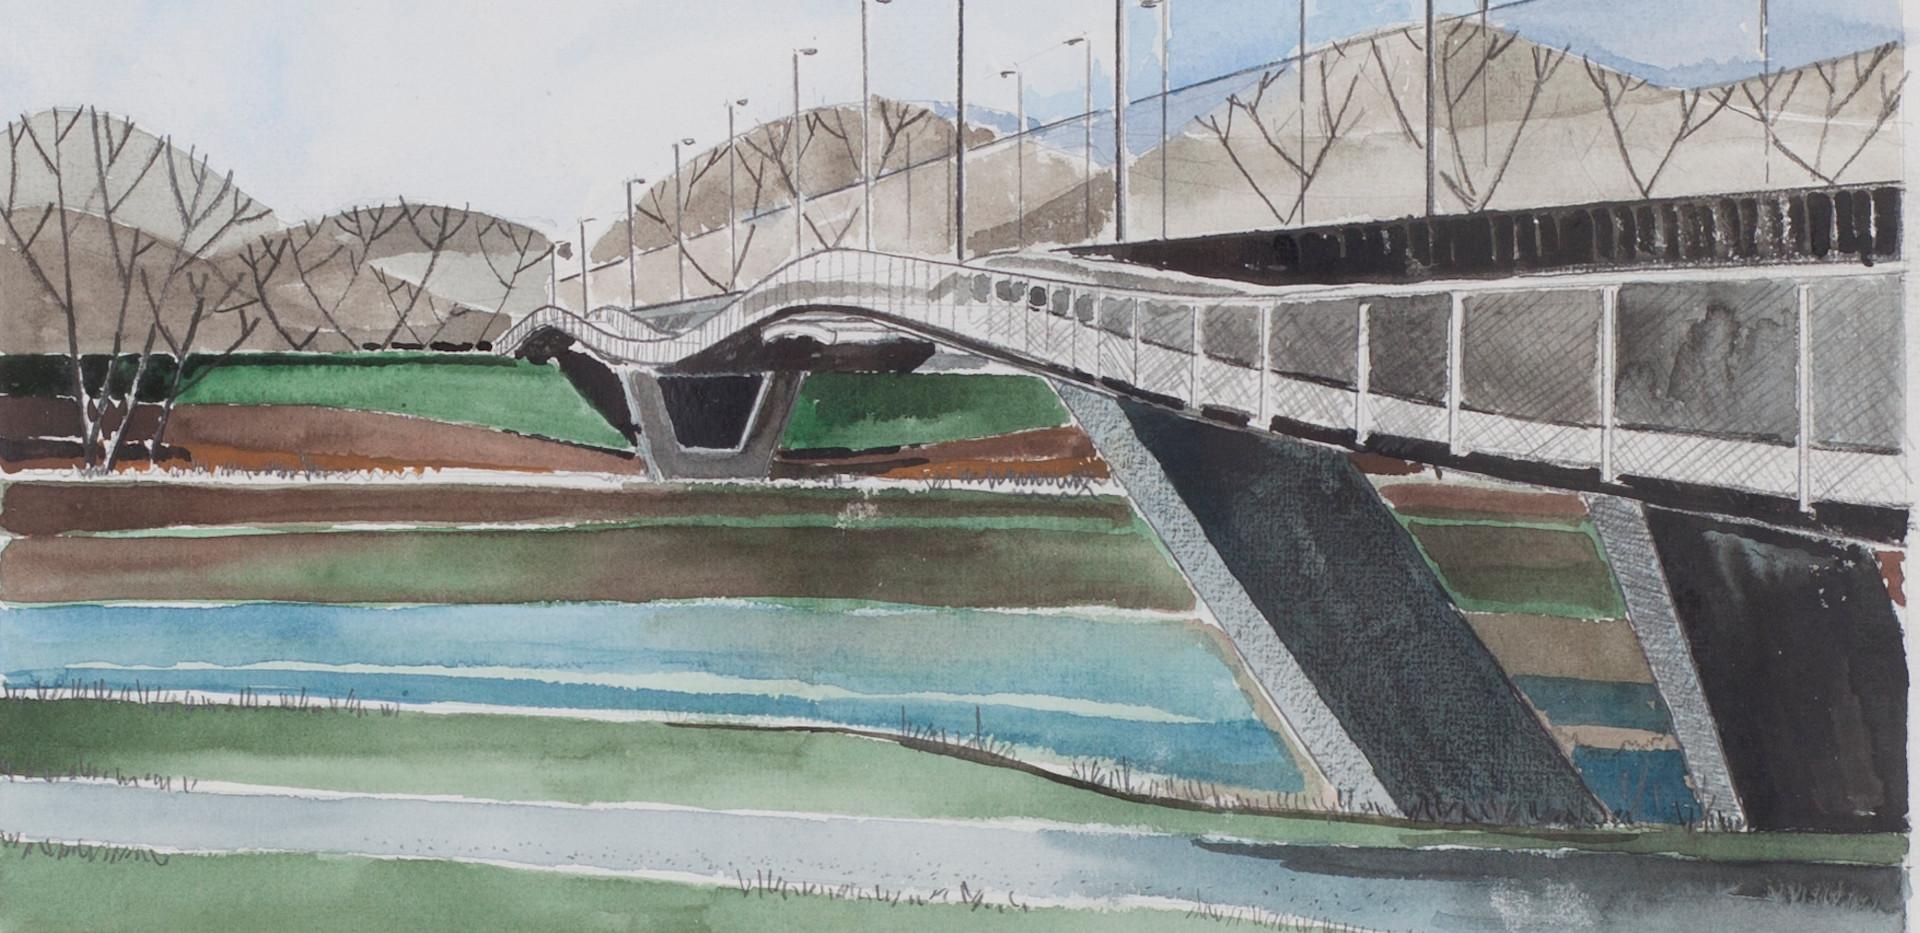 03 Glacisbrücke (verkauft)